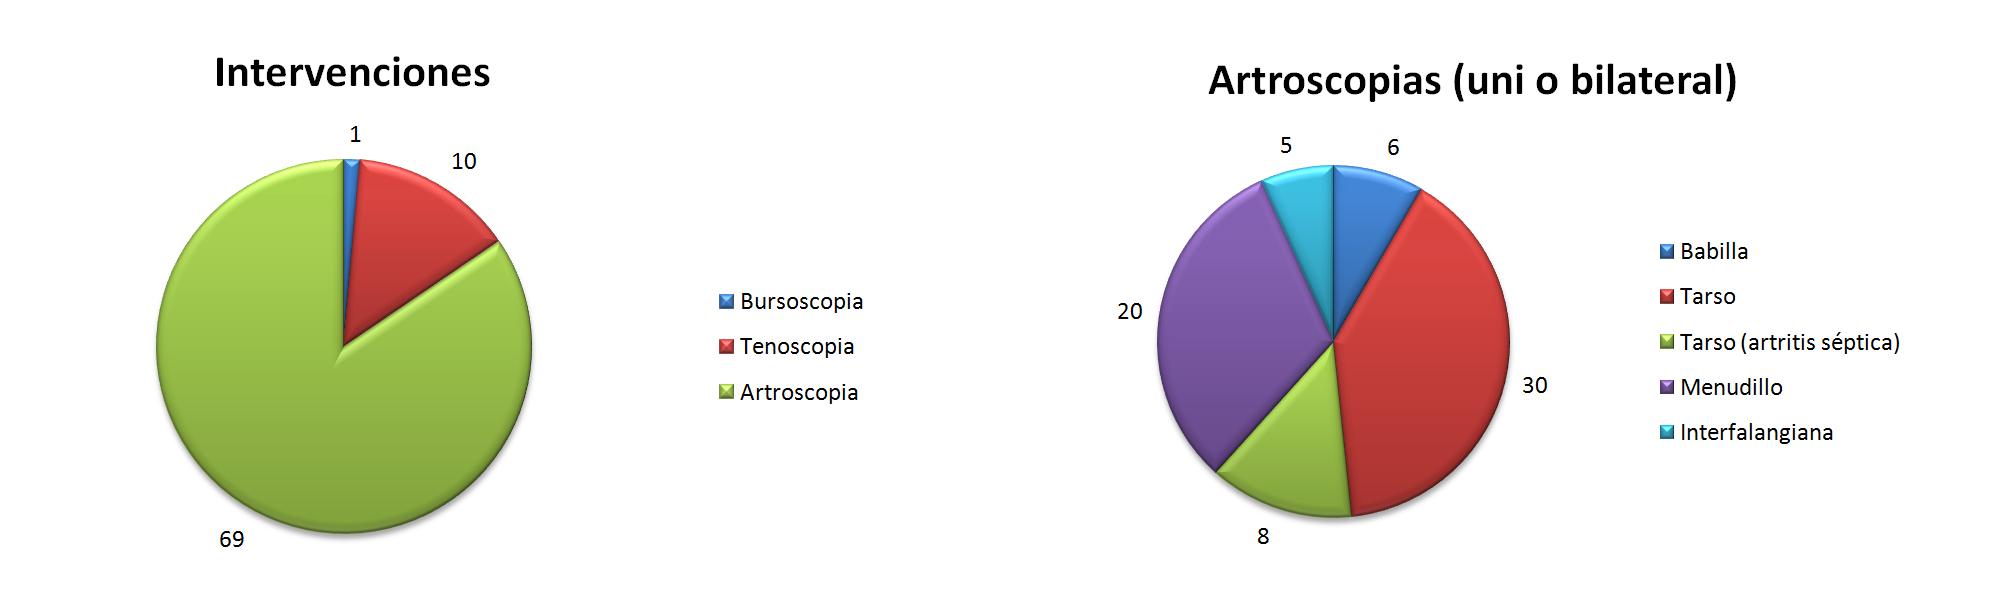 intervenciones-artroscopias-uni-o-bilatreal-1